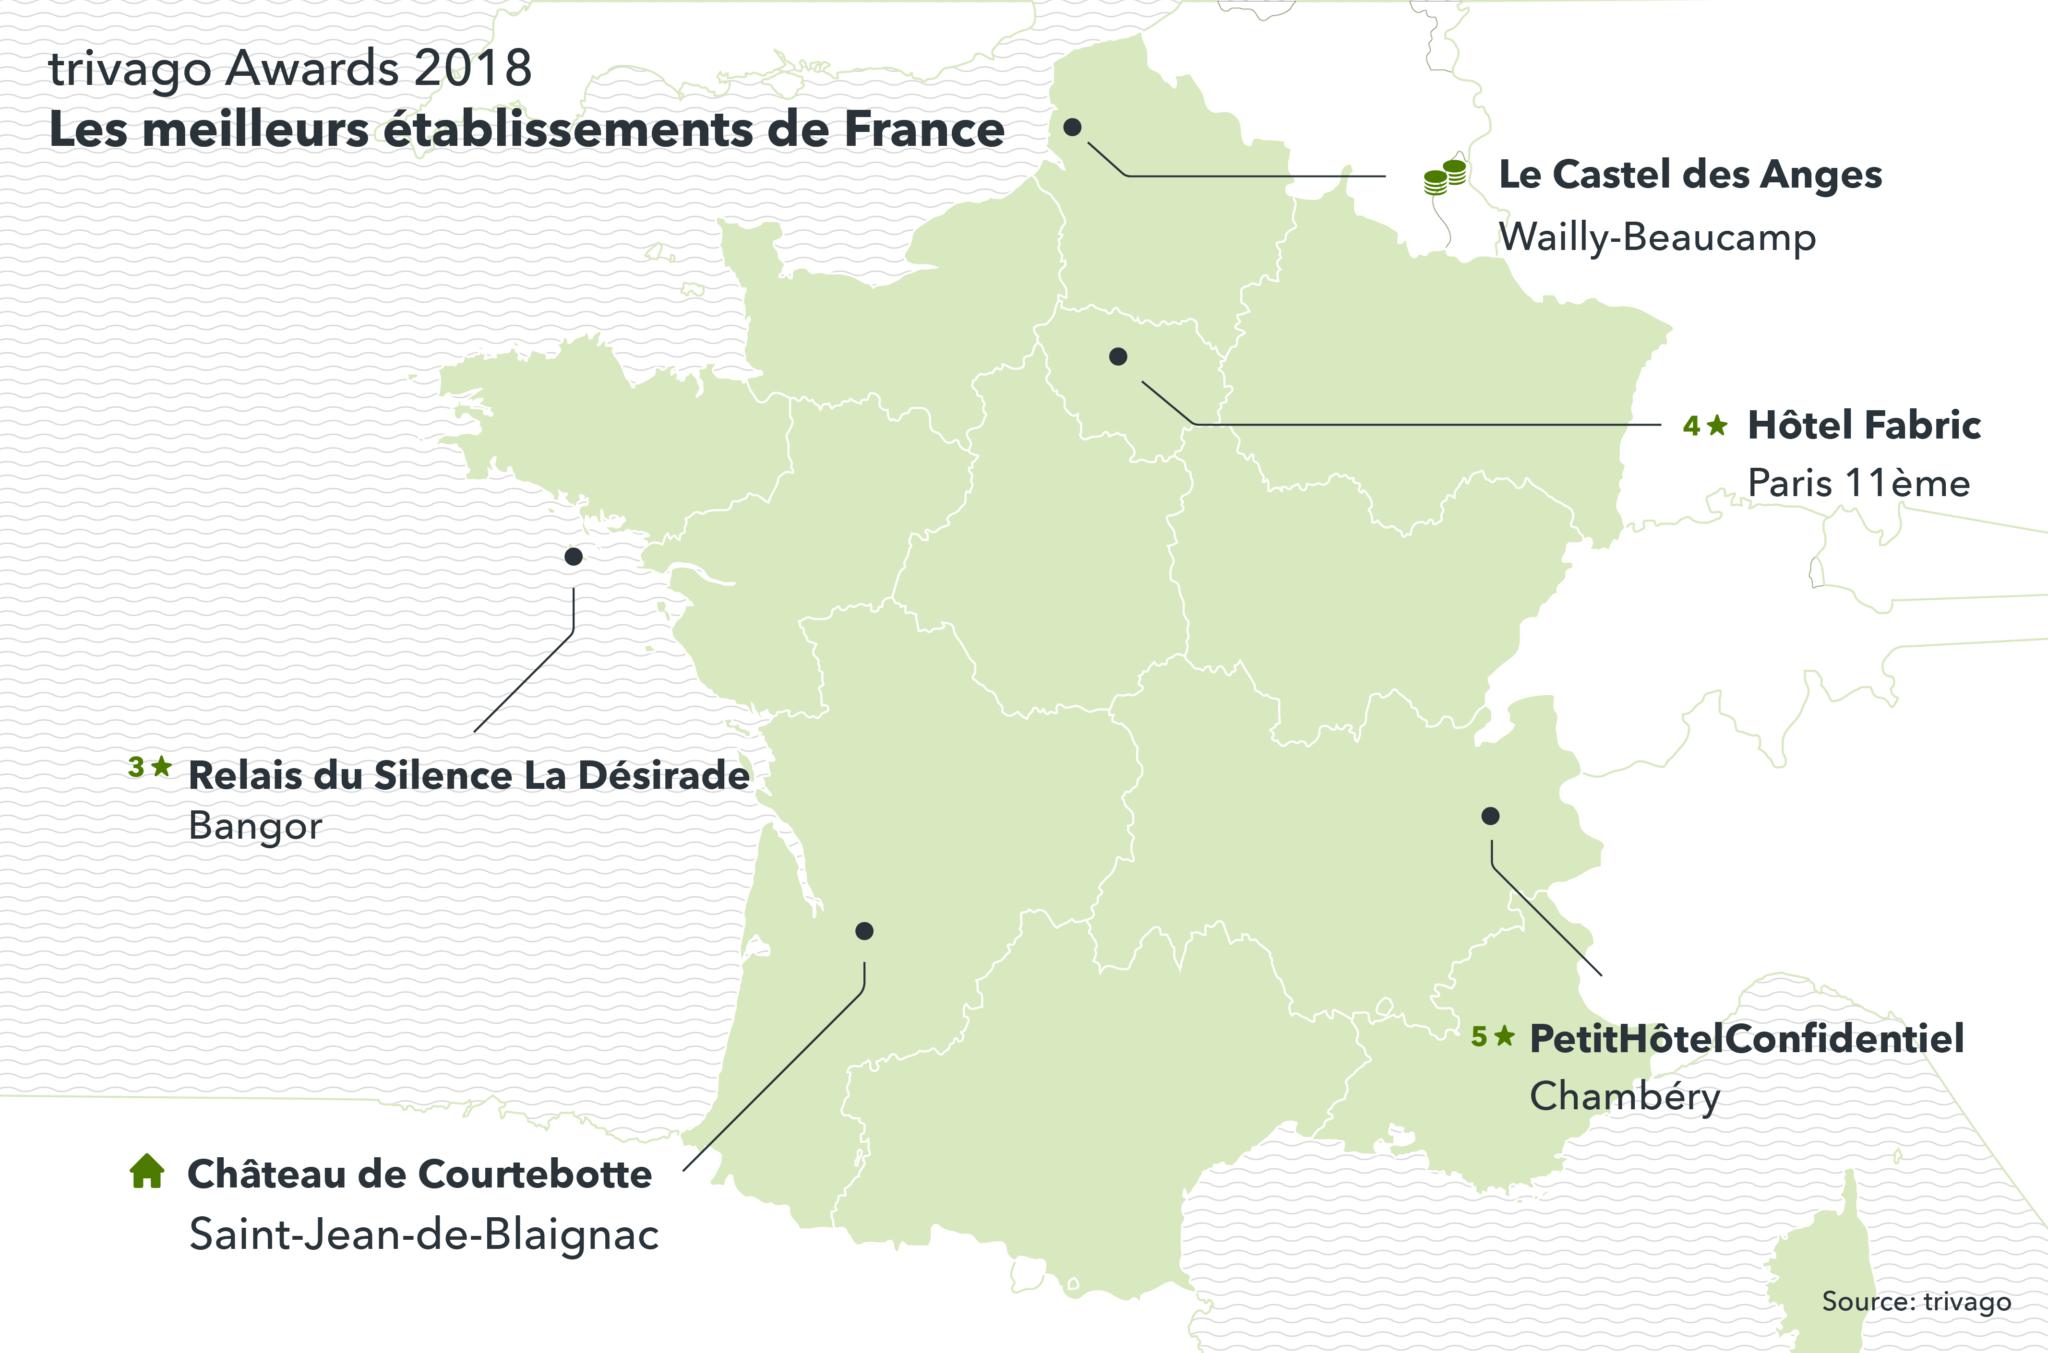 Carte des gagnants trivago Awards 2018 avec localisation exact par région